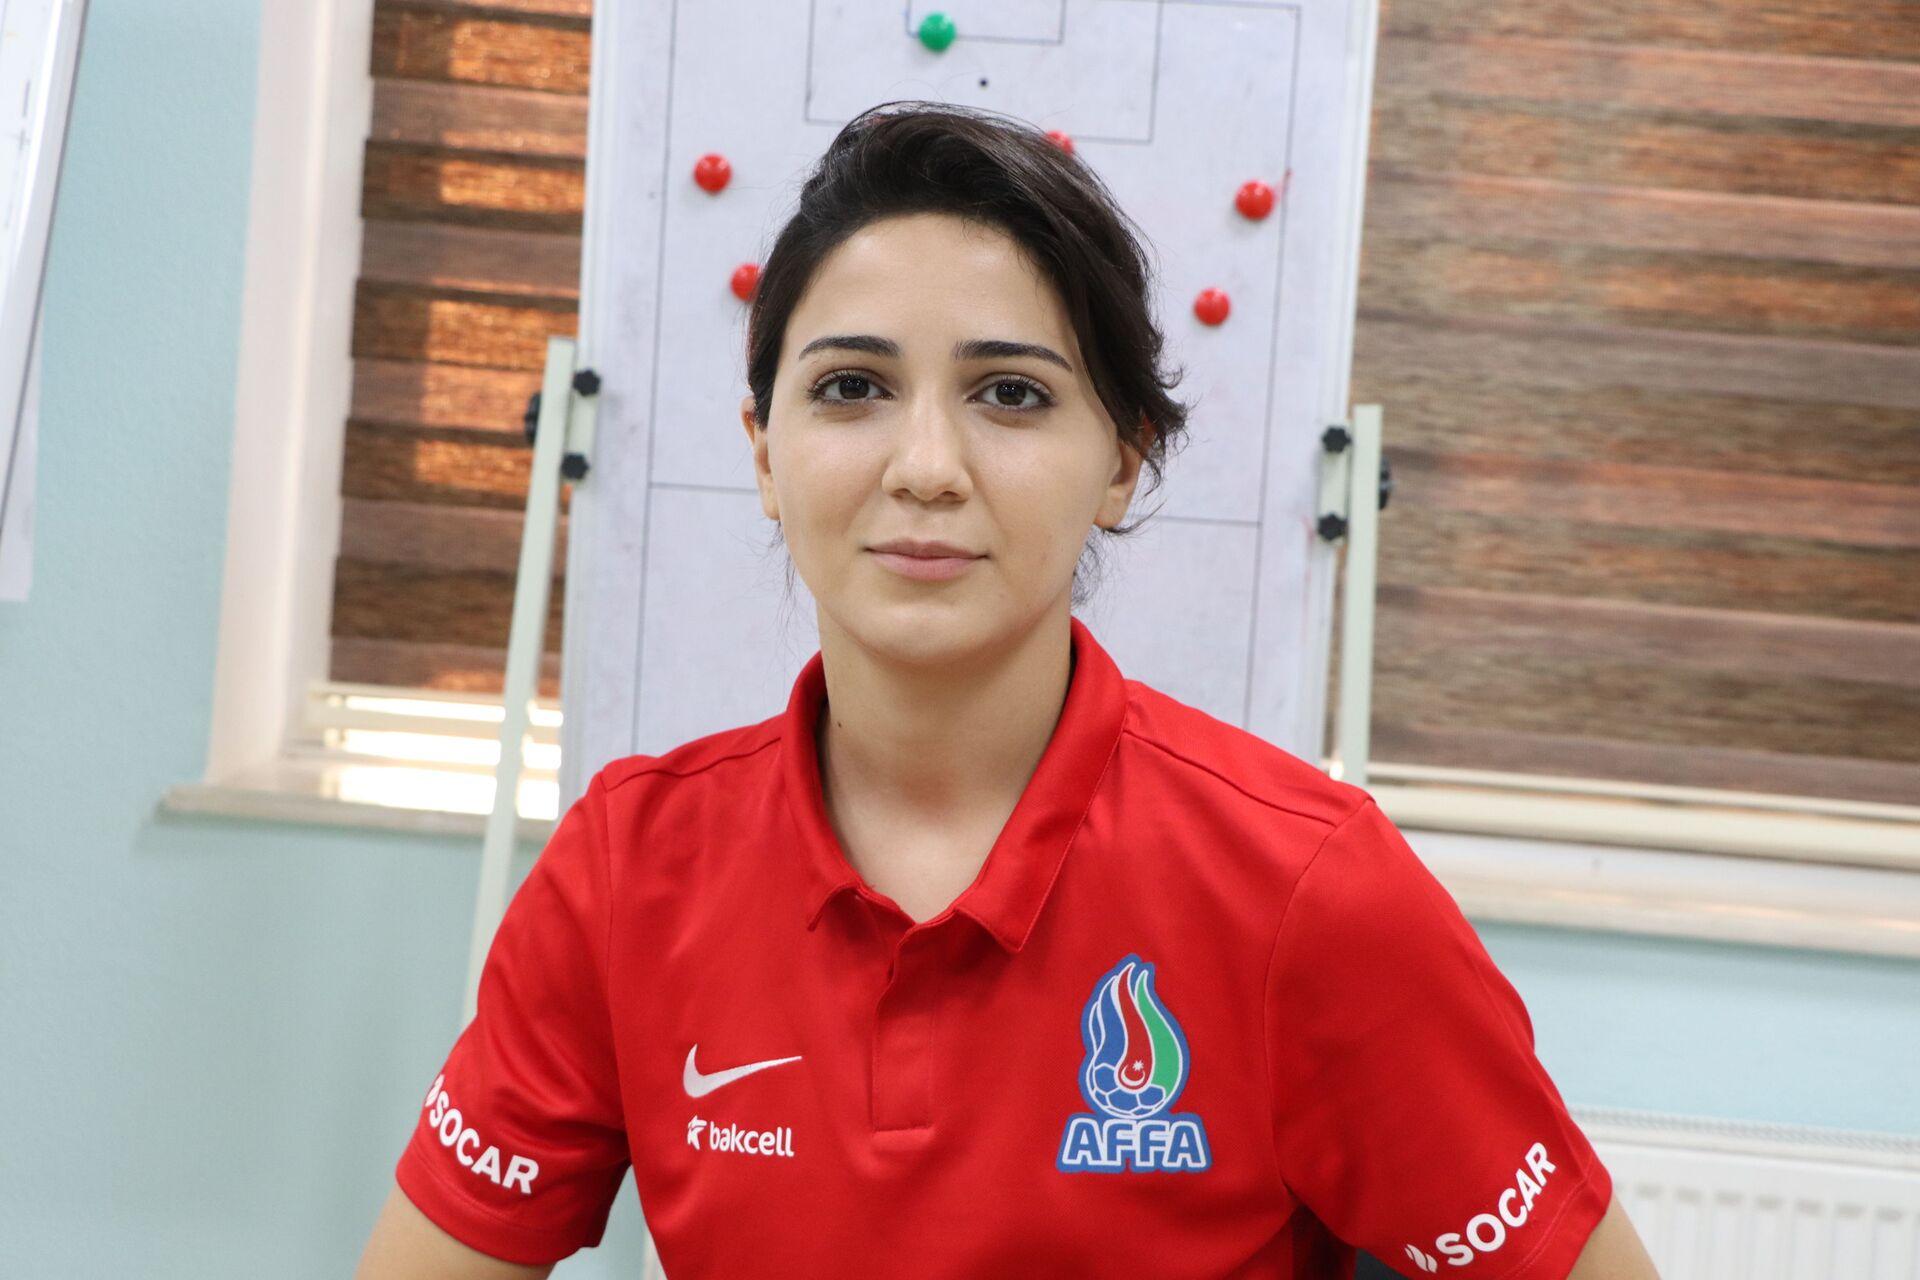 Azərbaycanın qadınlardan ibarət futbol komandası - Sputnik Azərbaycan, 1920, 01.10.2021